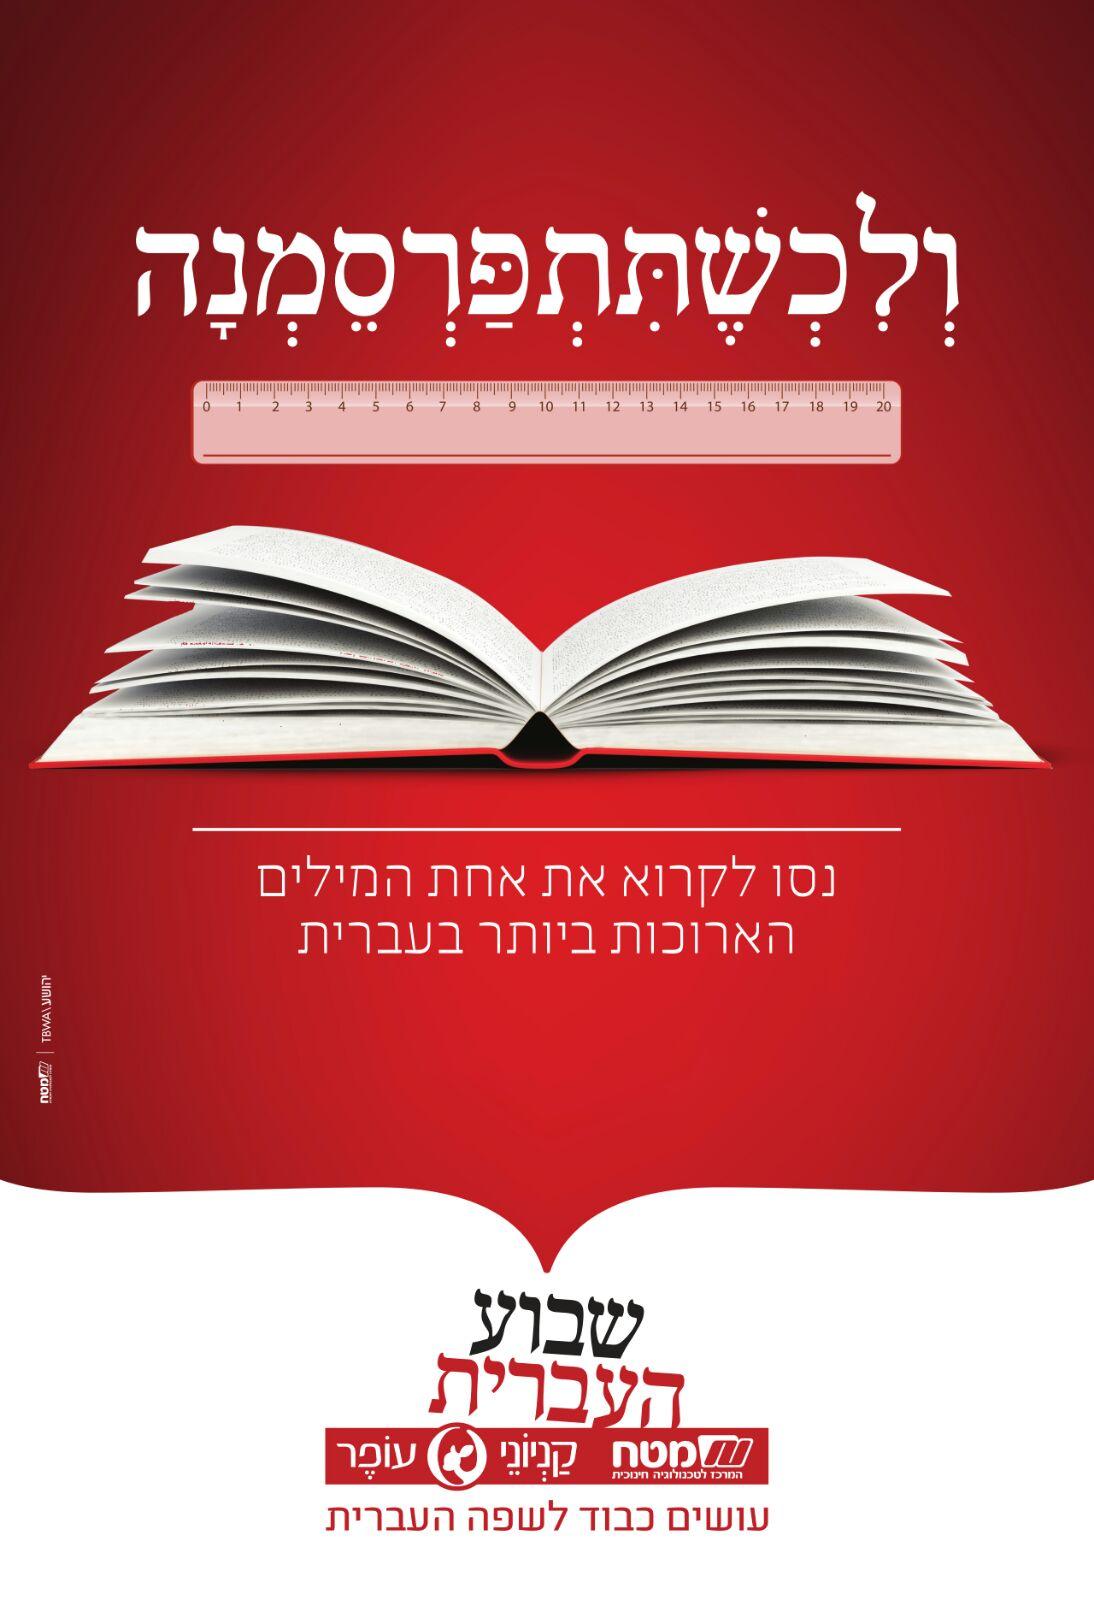 מסע פרסומי המציג את הצדדים המשעשעים של השפה העברית 1